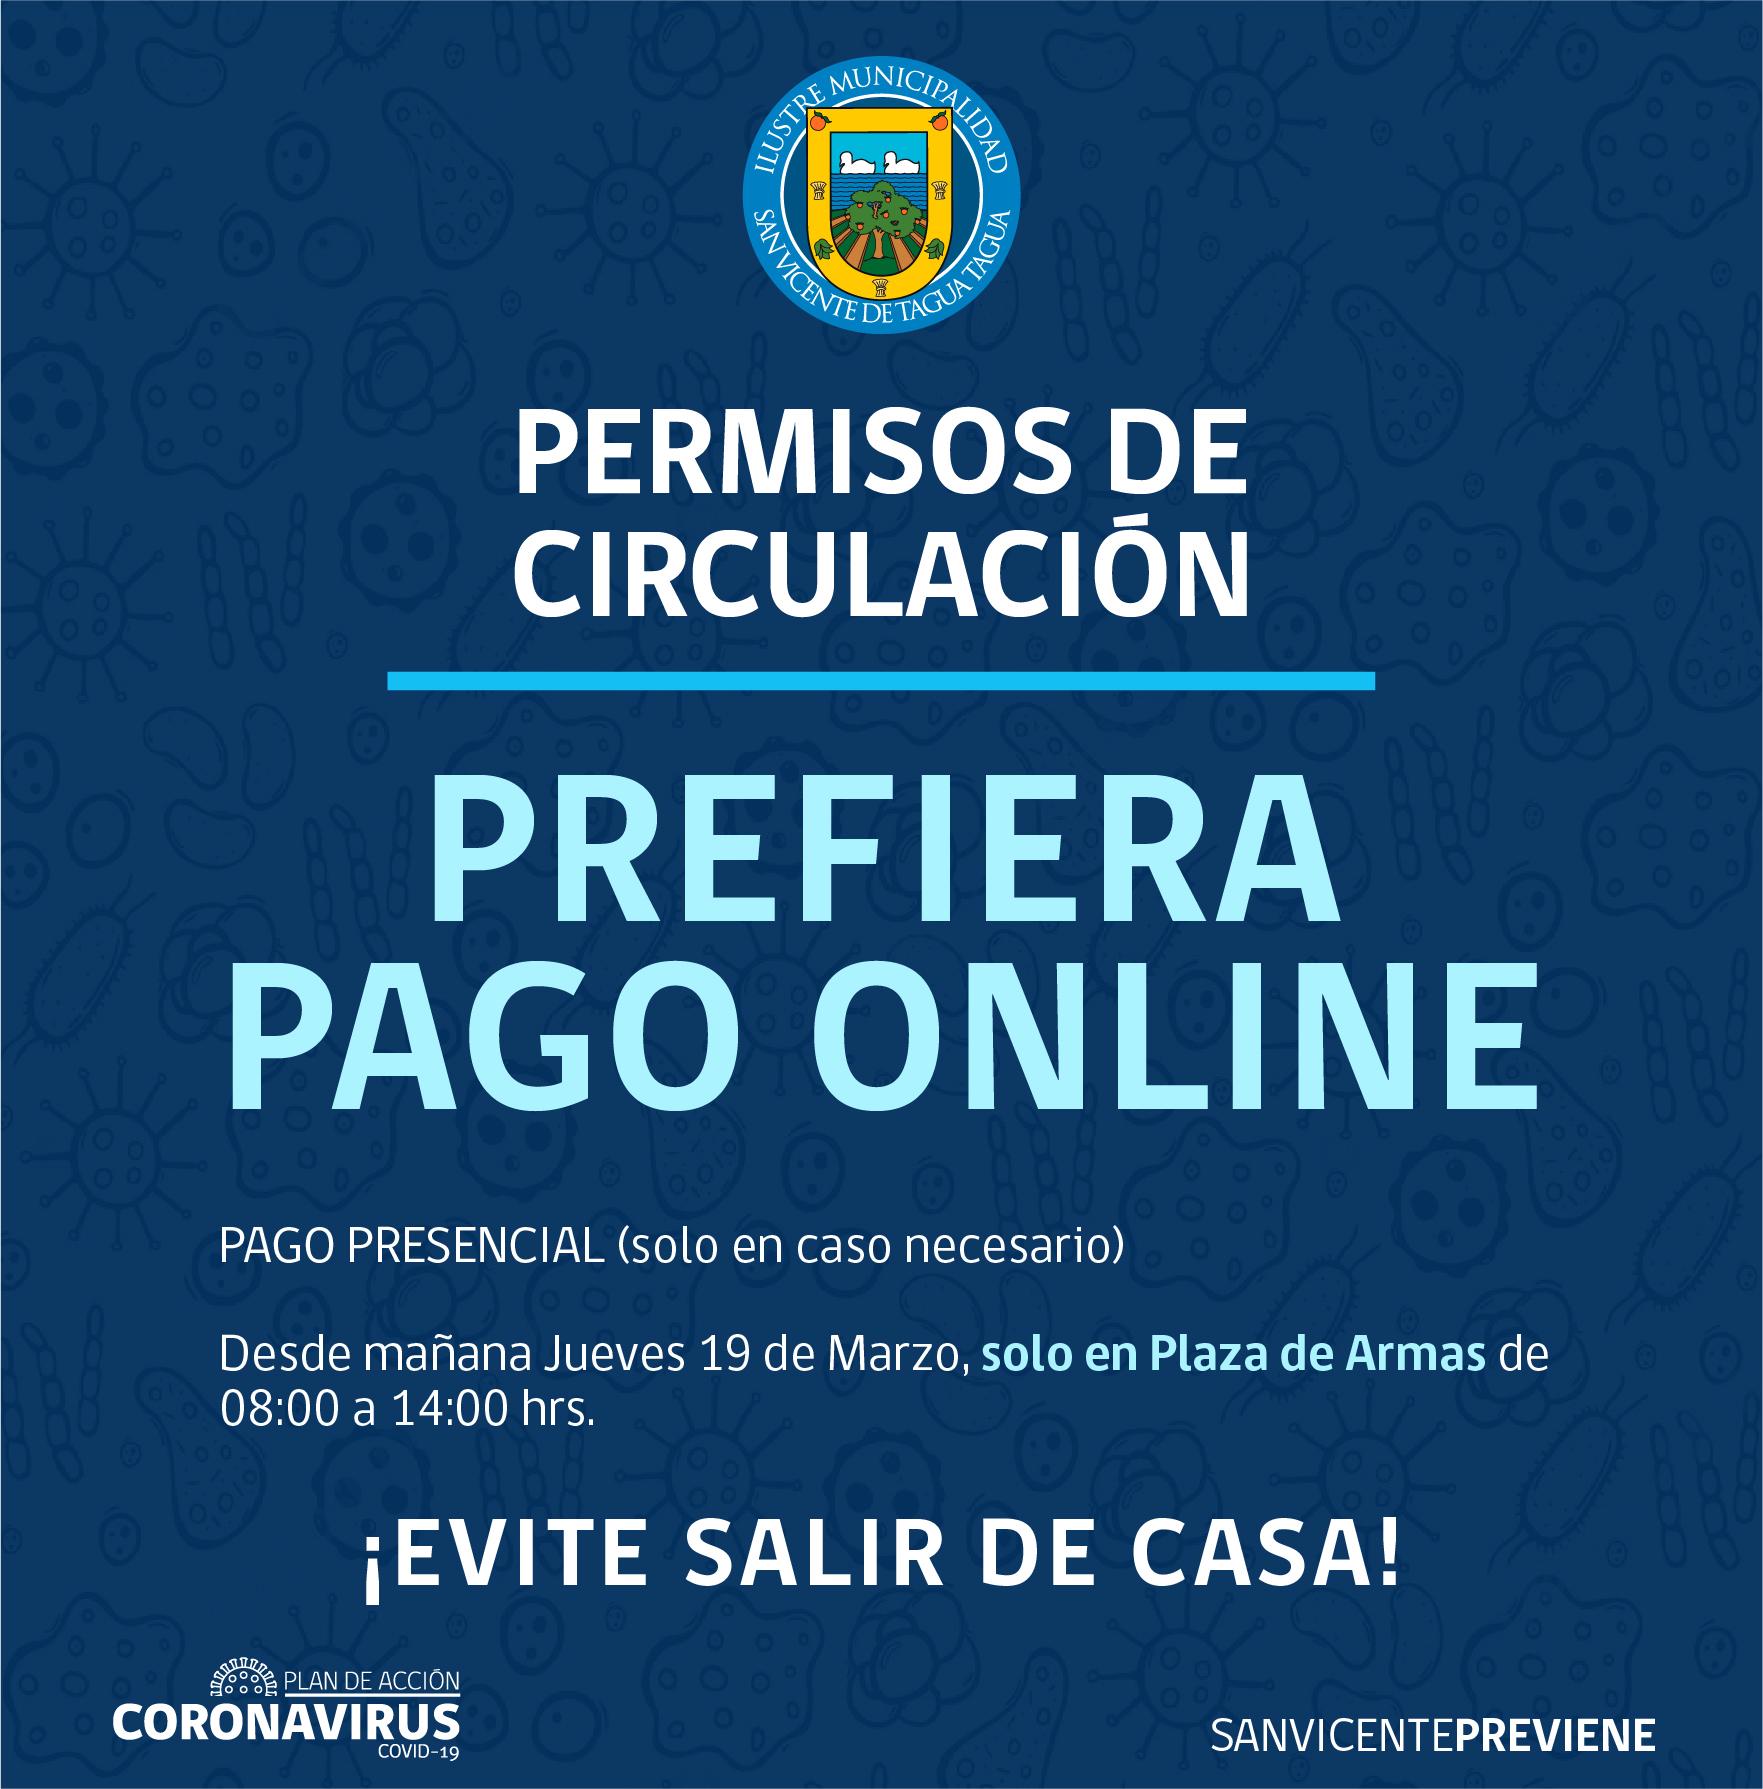 PAGO DE PERMISOS DE CIRCULACIÓN